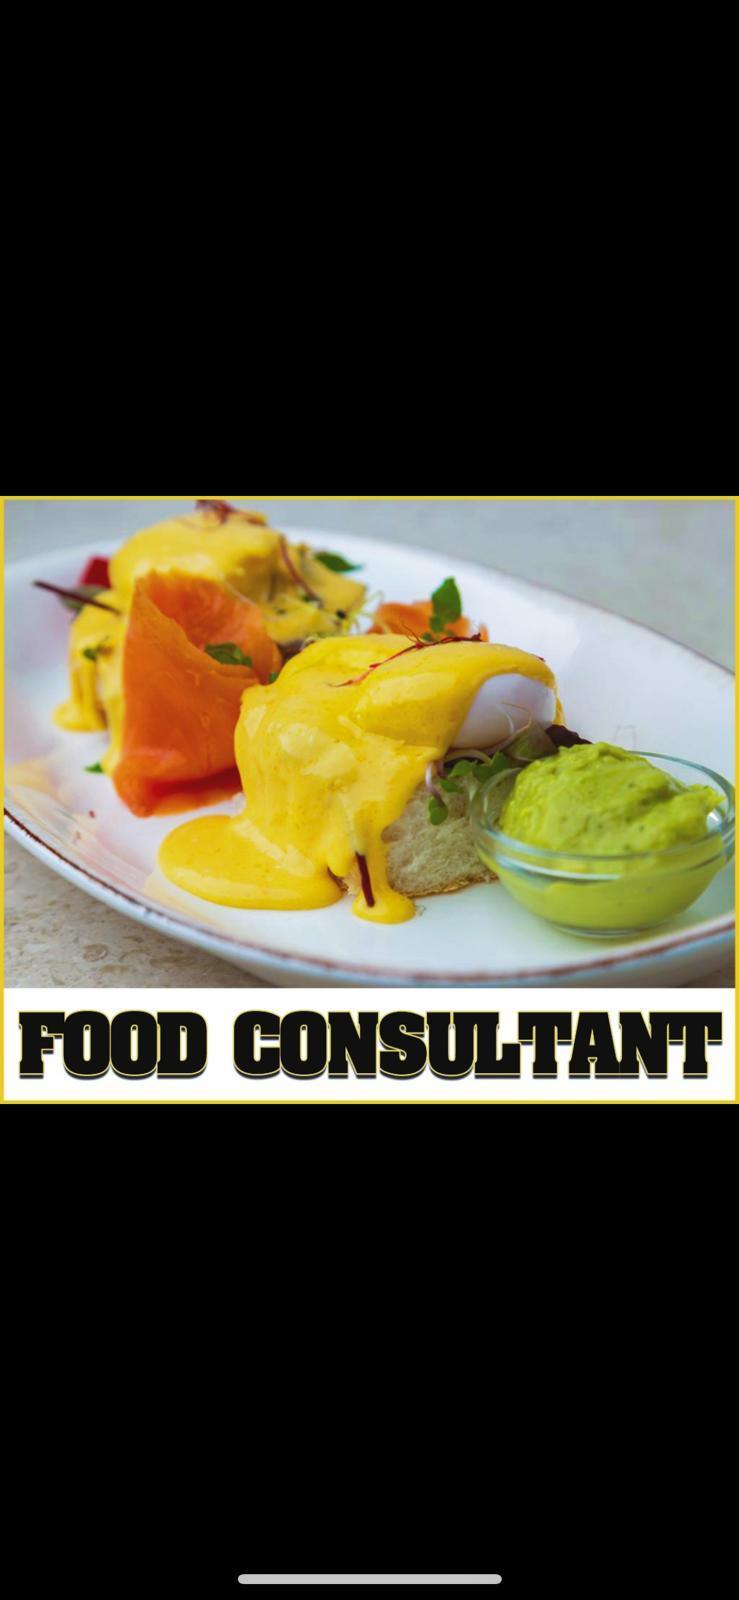 Food Consultant